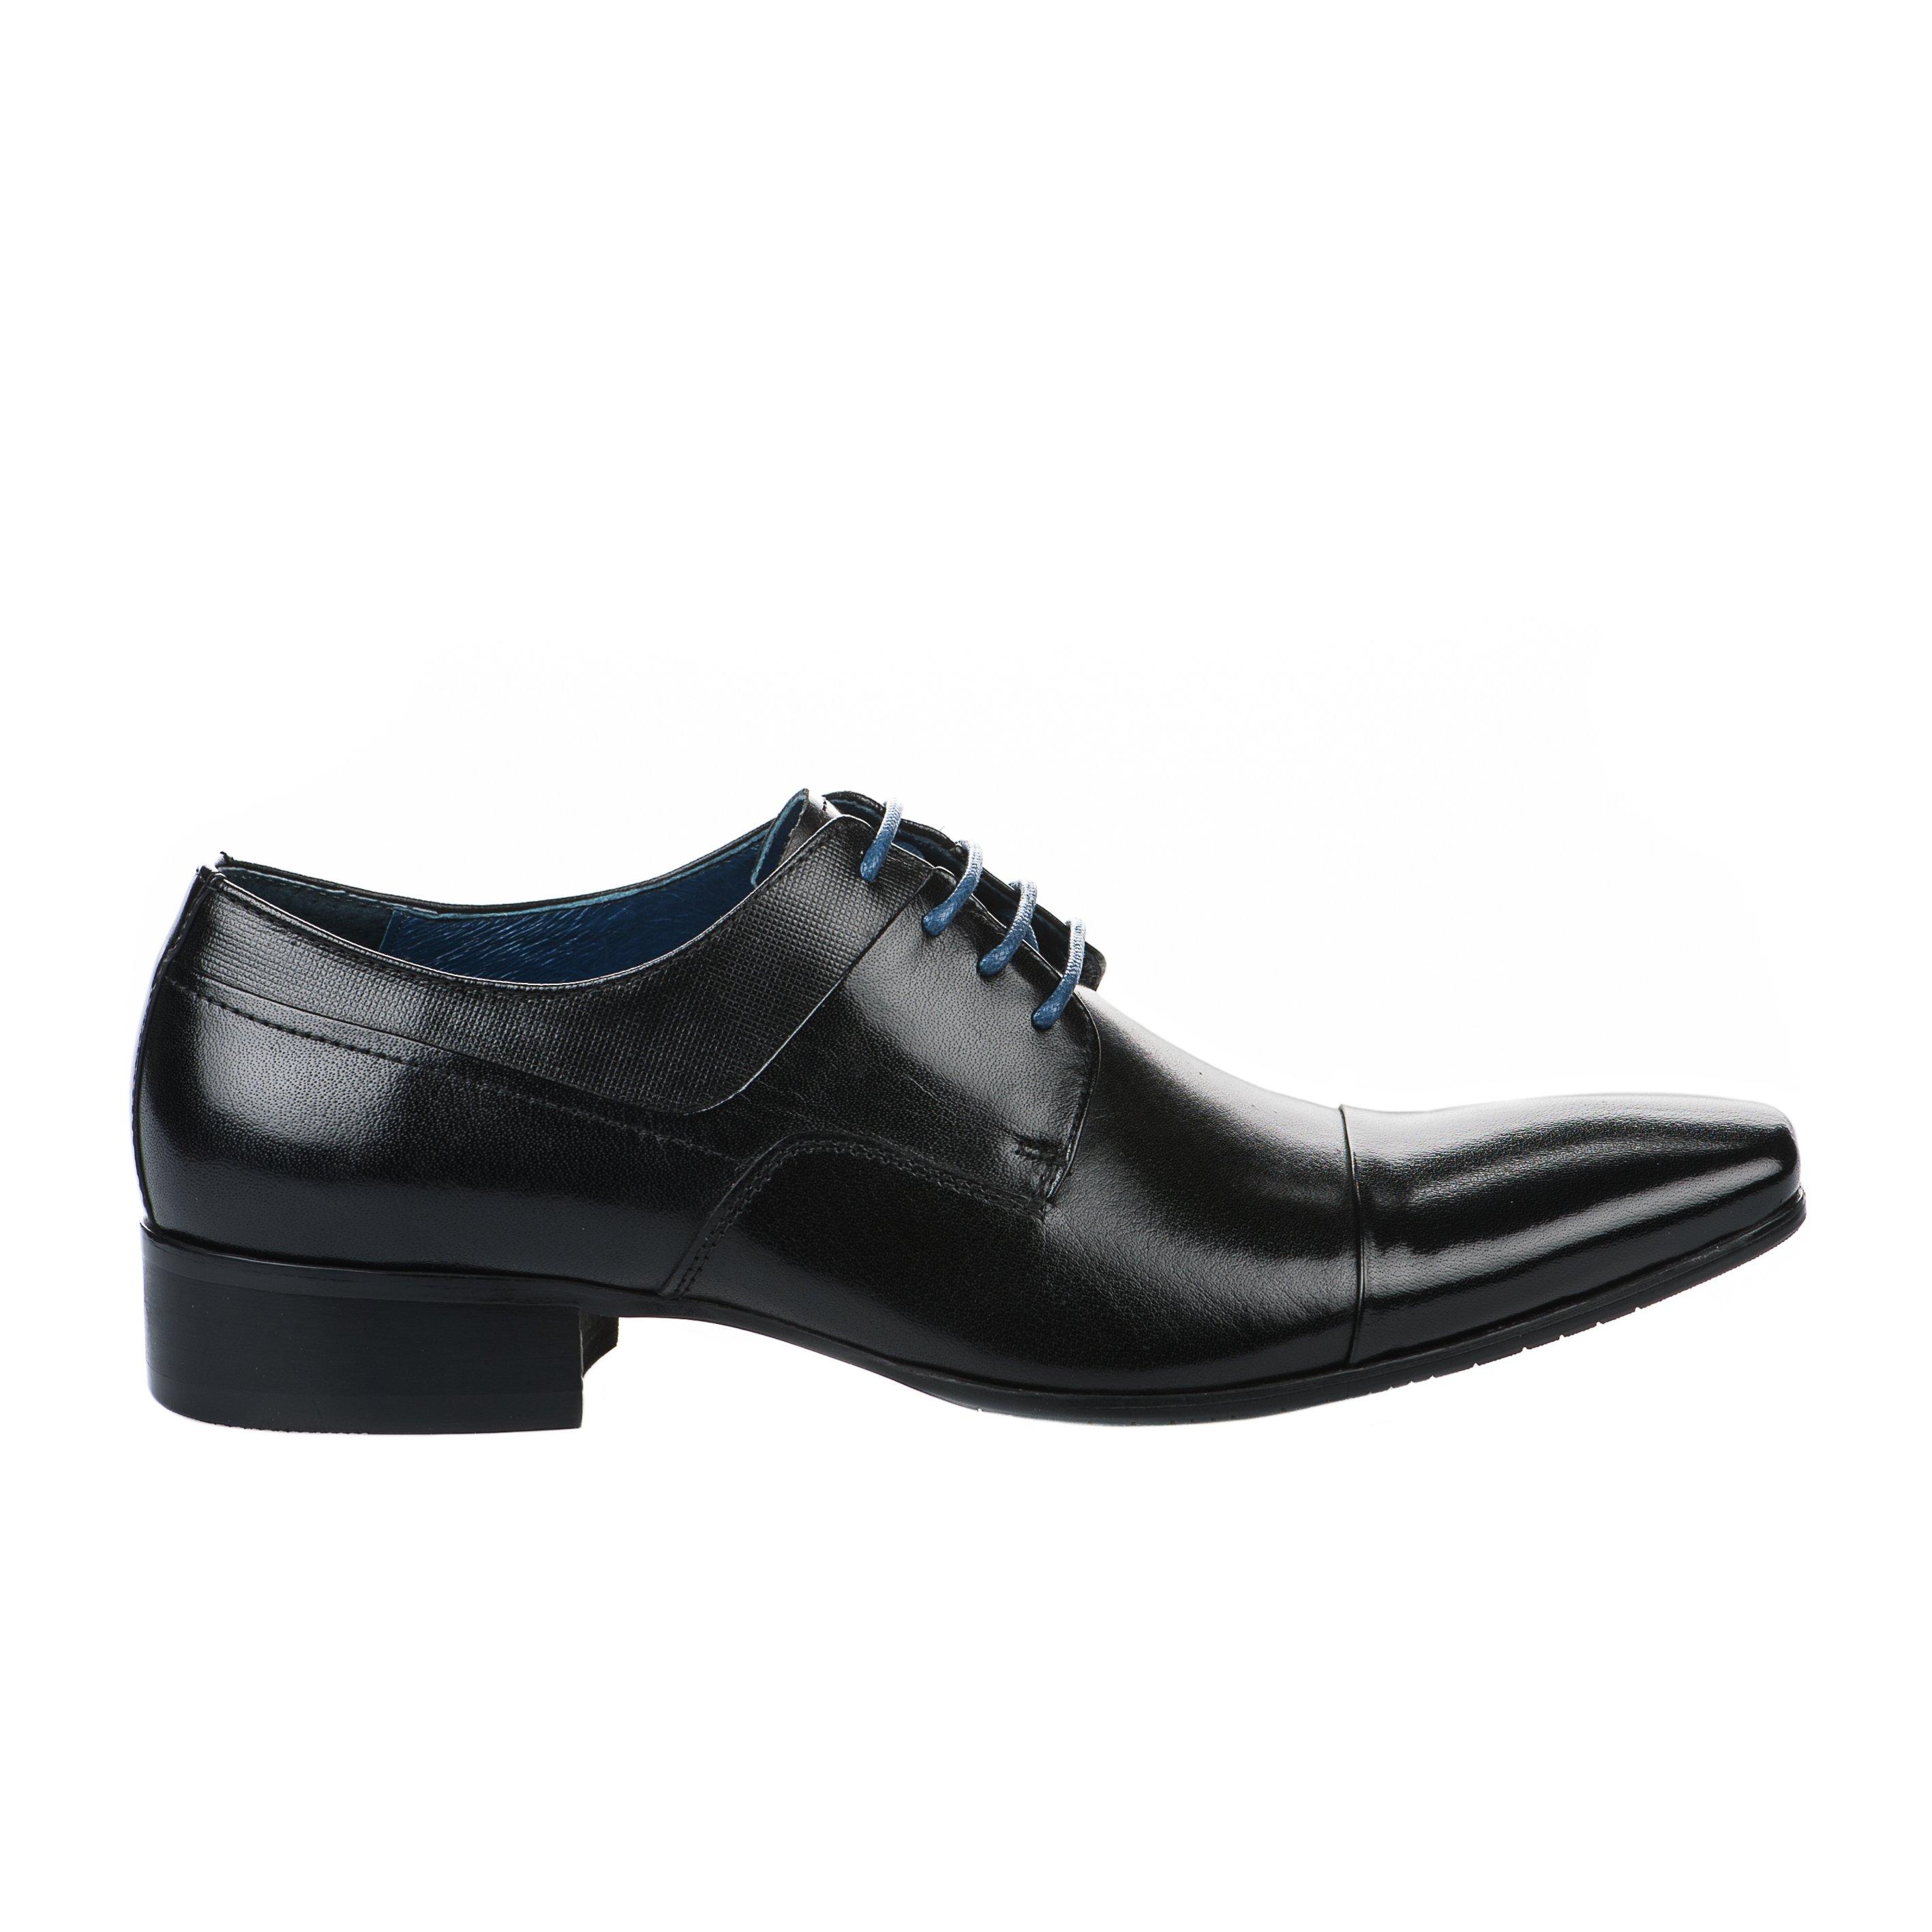 À Noir Kdopa Chaussures Pou Ulric Lacets c3ARjq54L